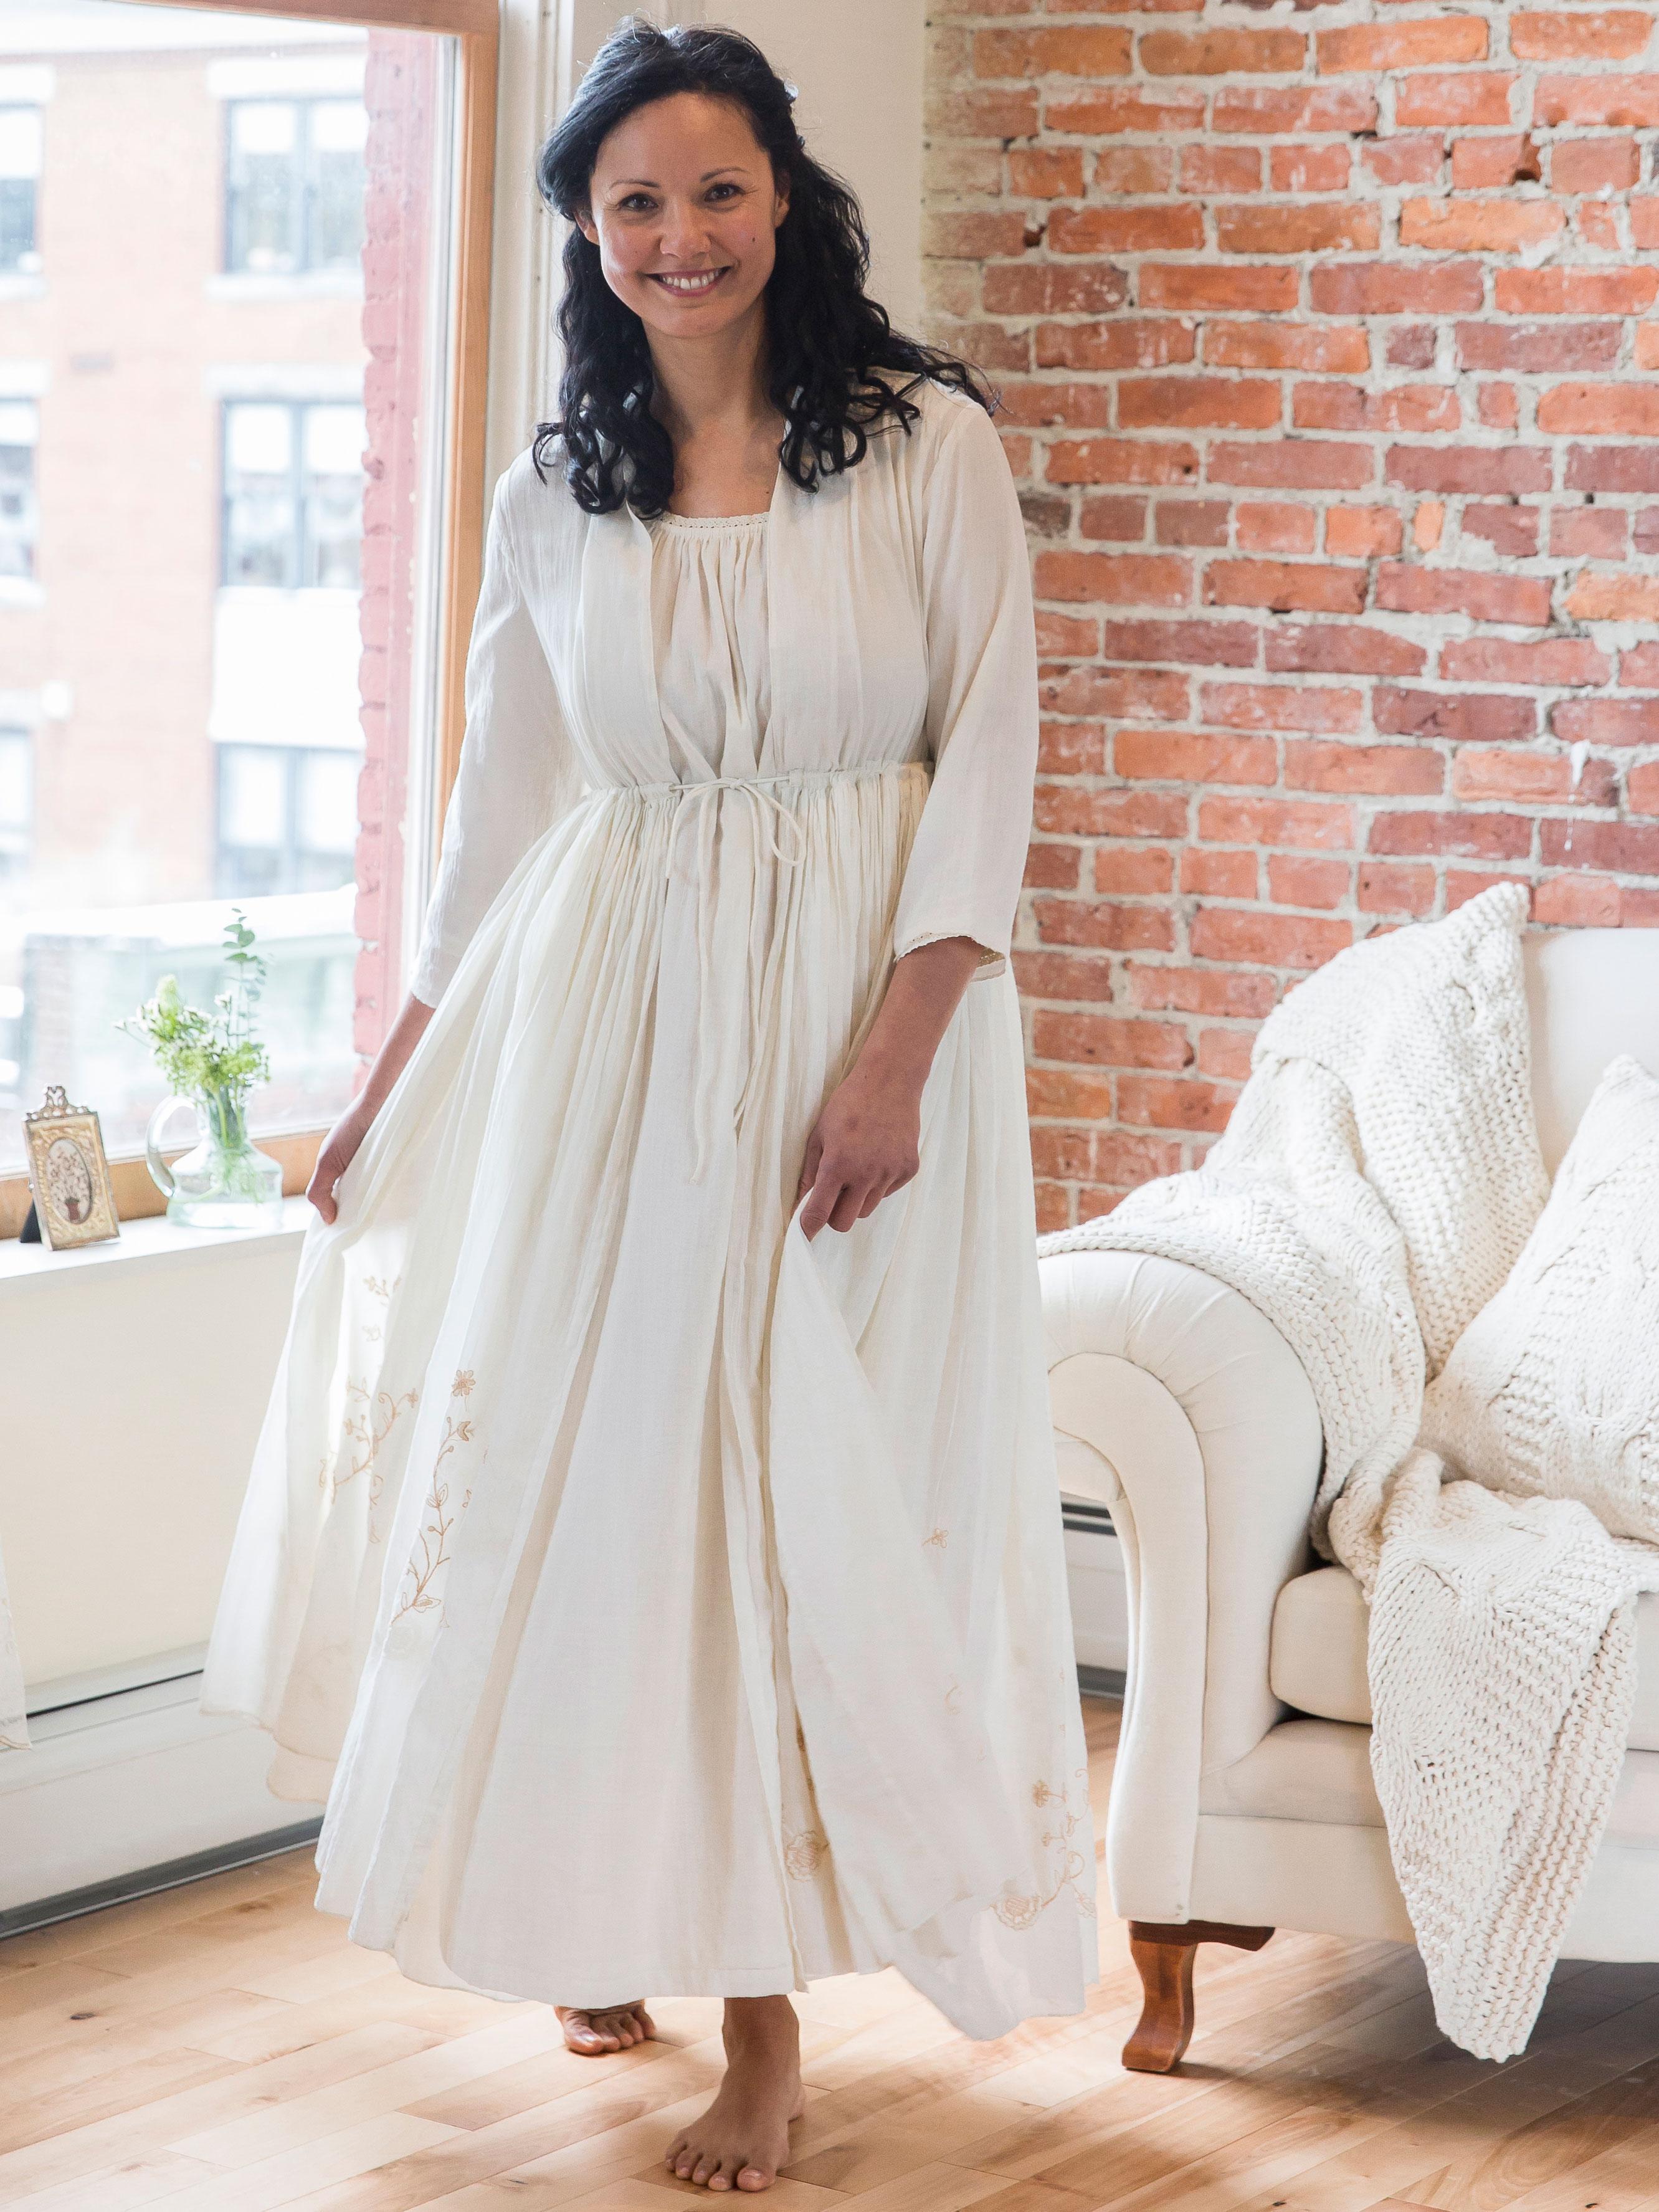 Patience Dressing Gown  3de25dec57